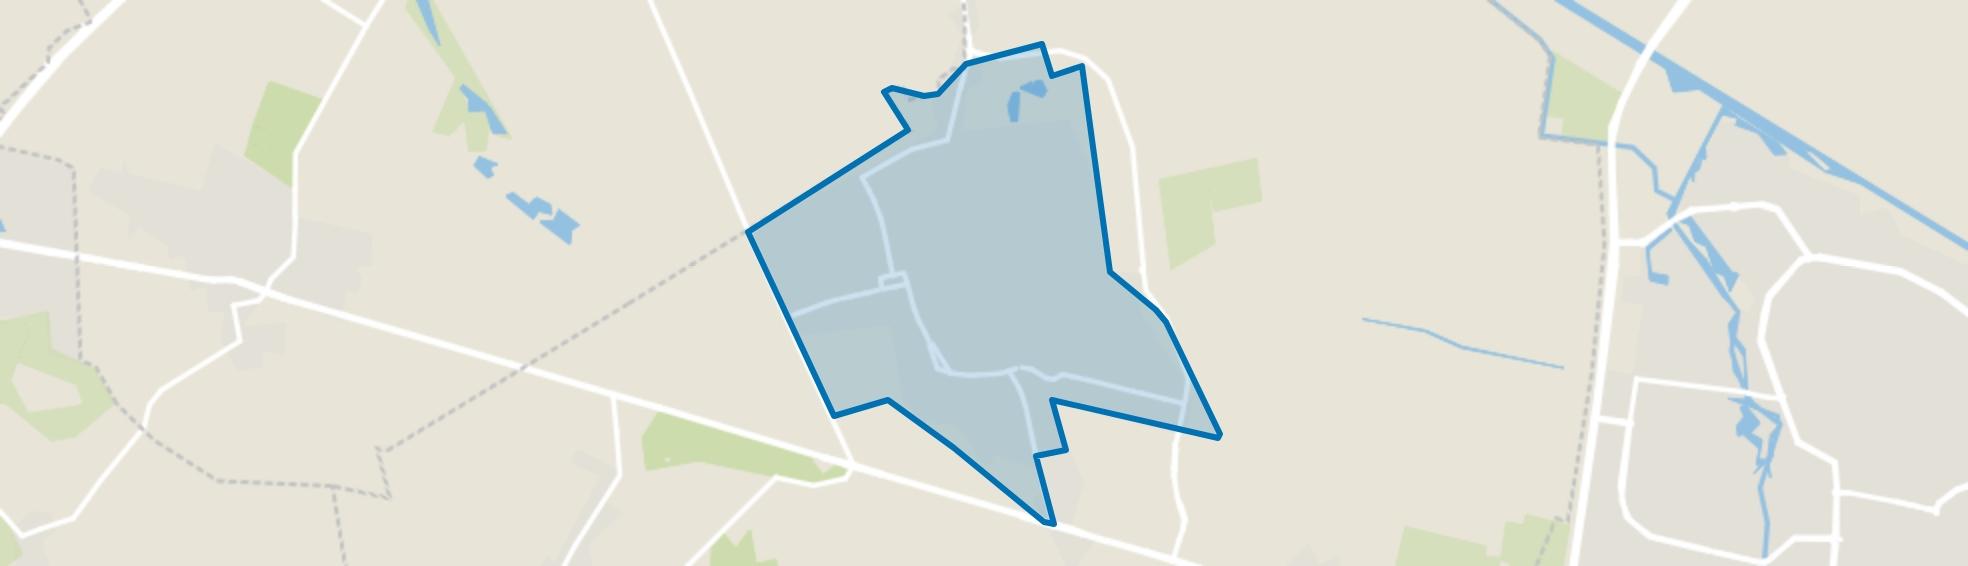 Rijen, Rijen map